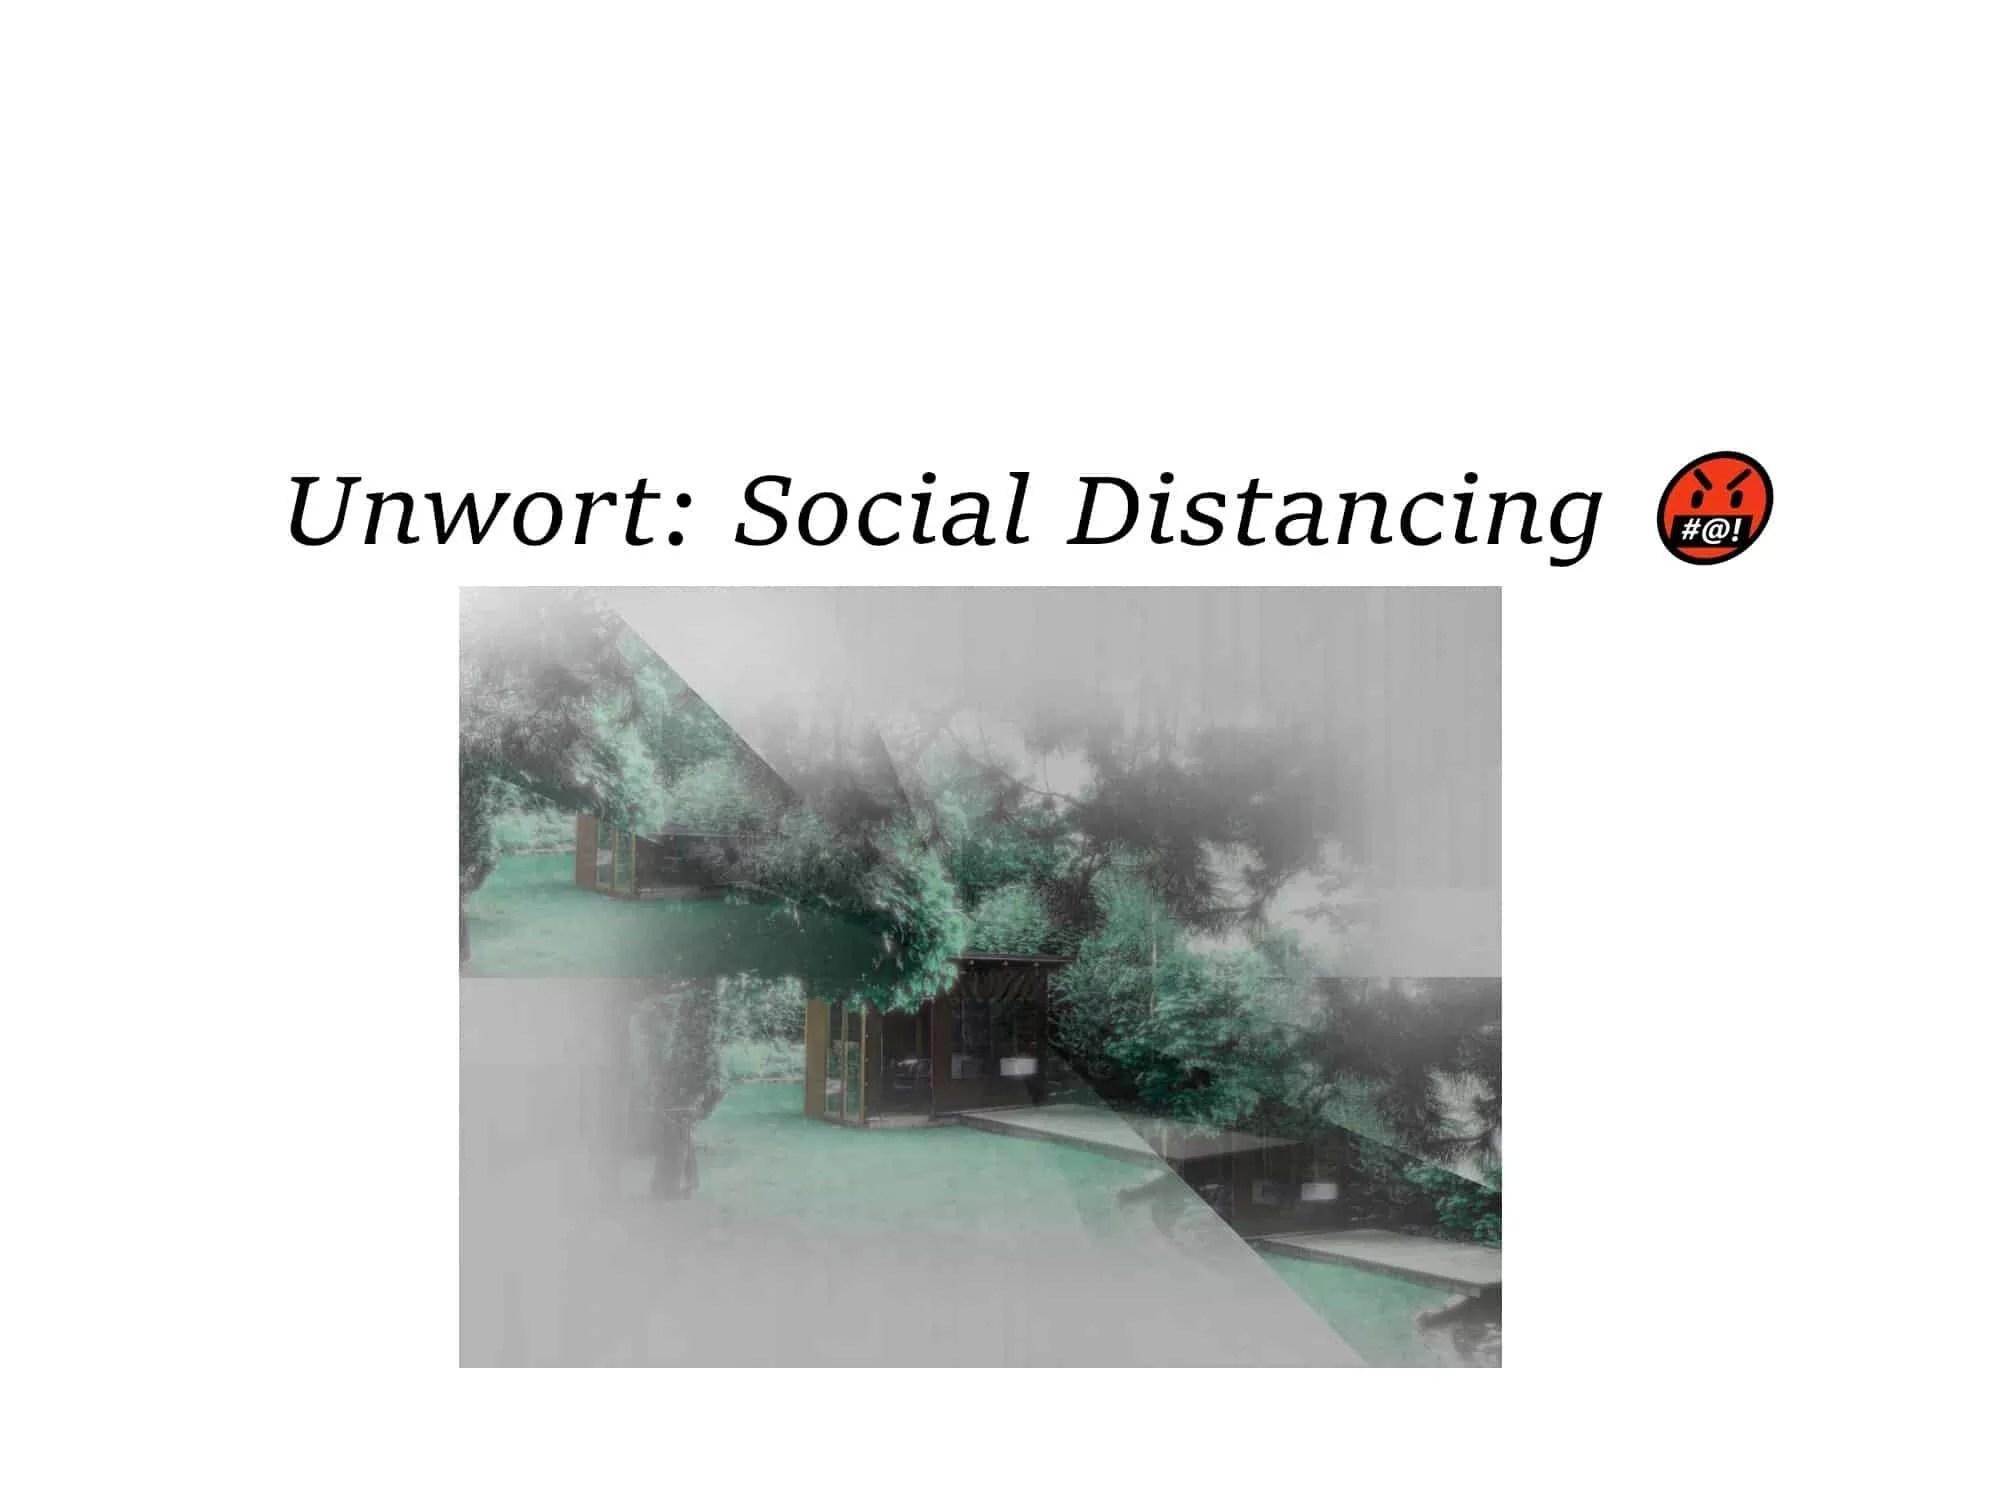 sozial distancing